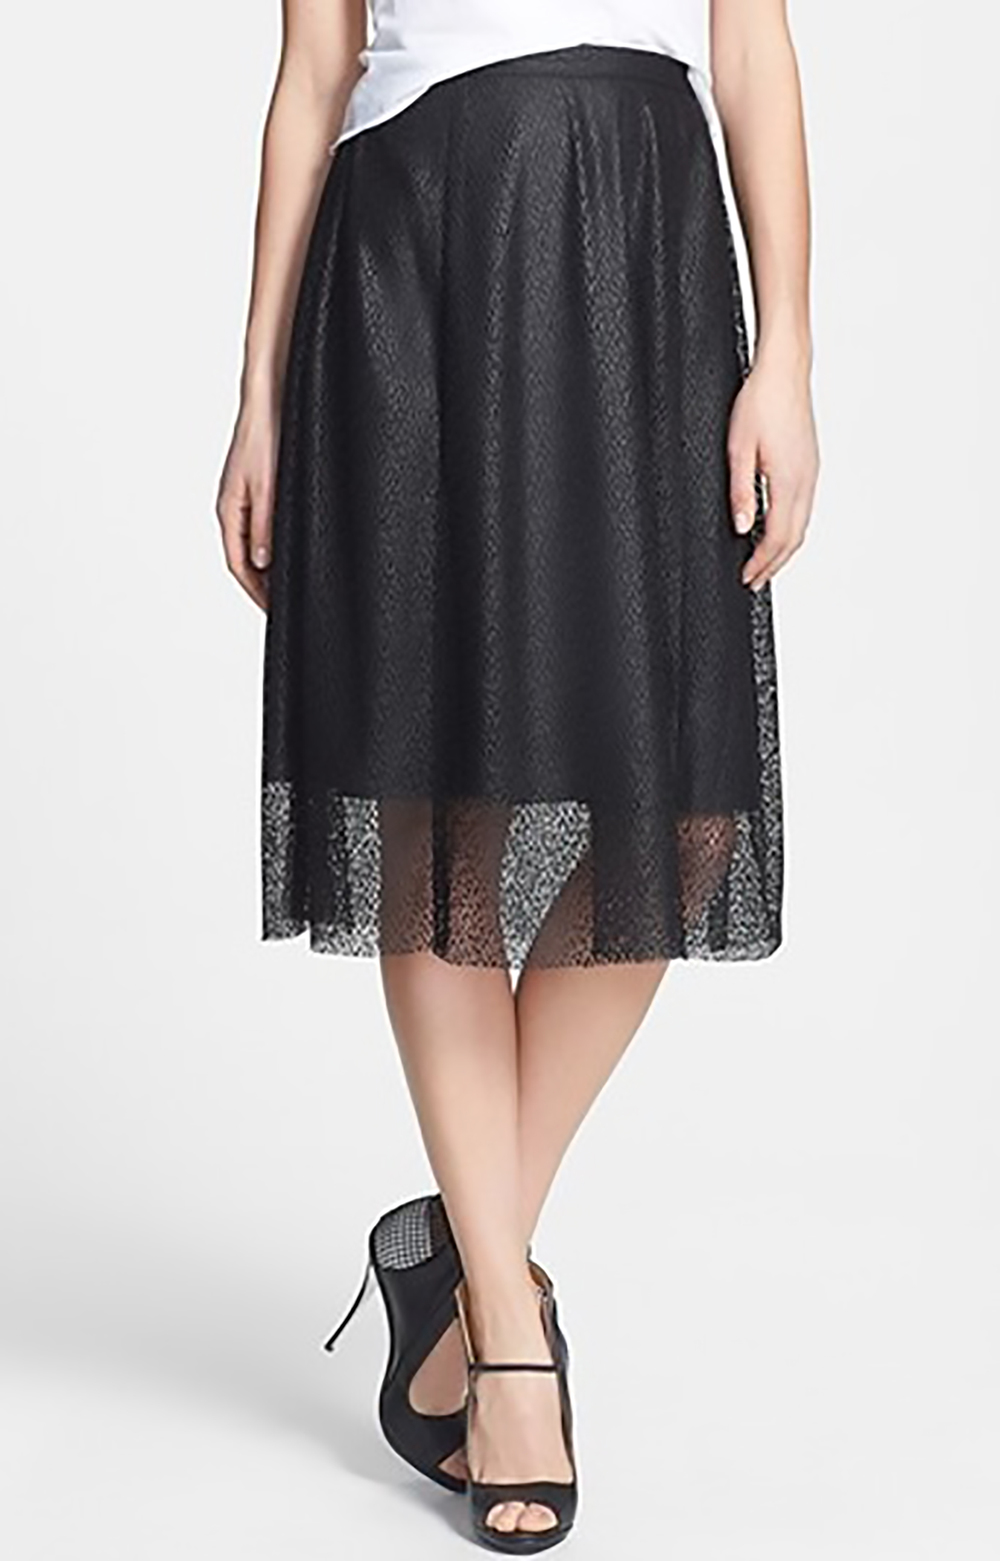 nordstrom tildon textured woven midi skirt slips 1500.jpg